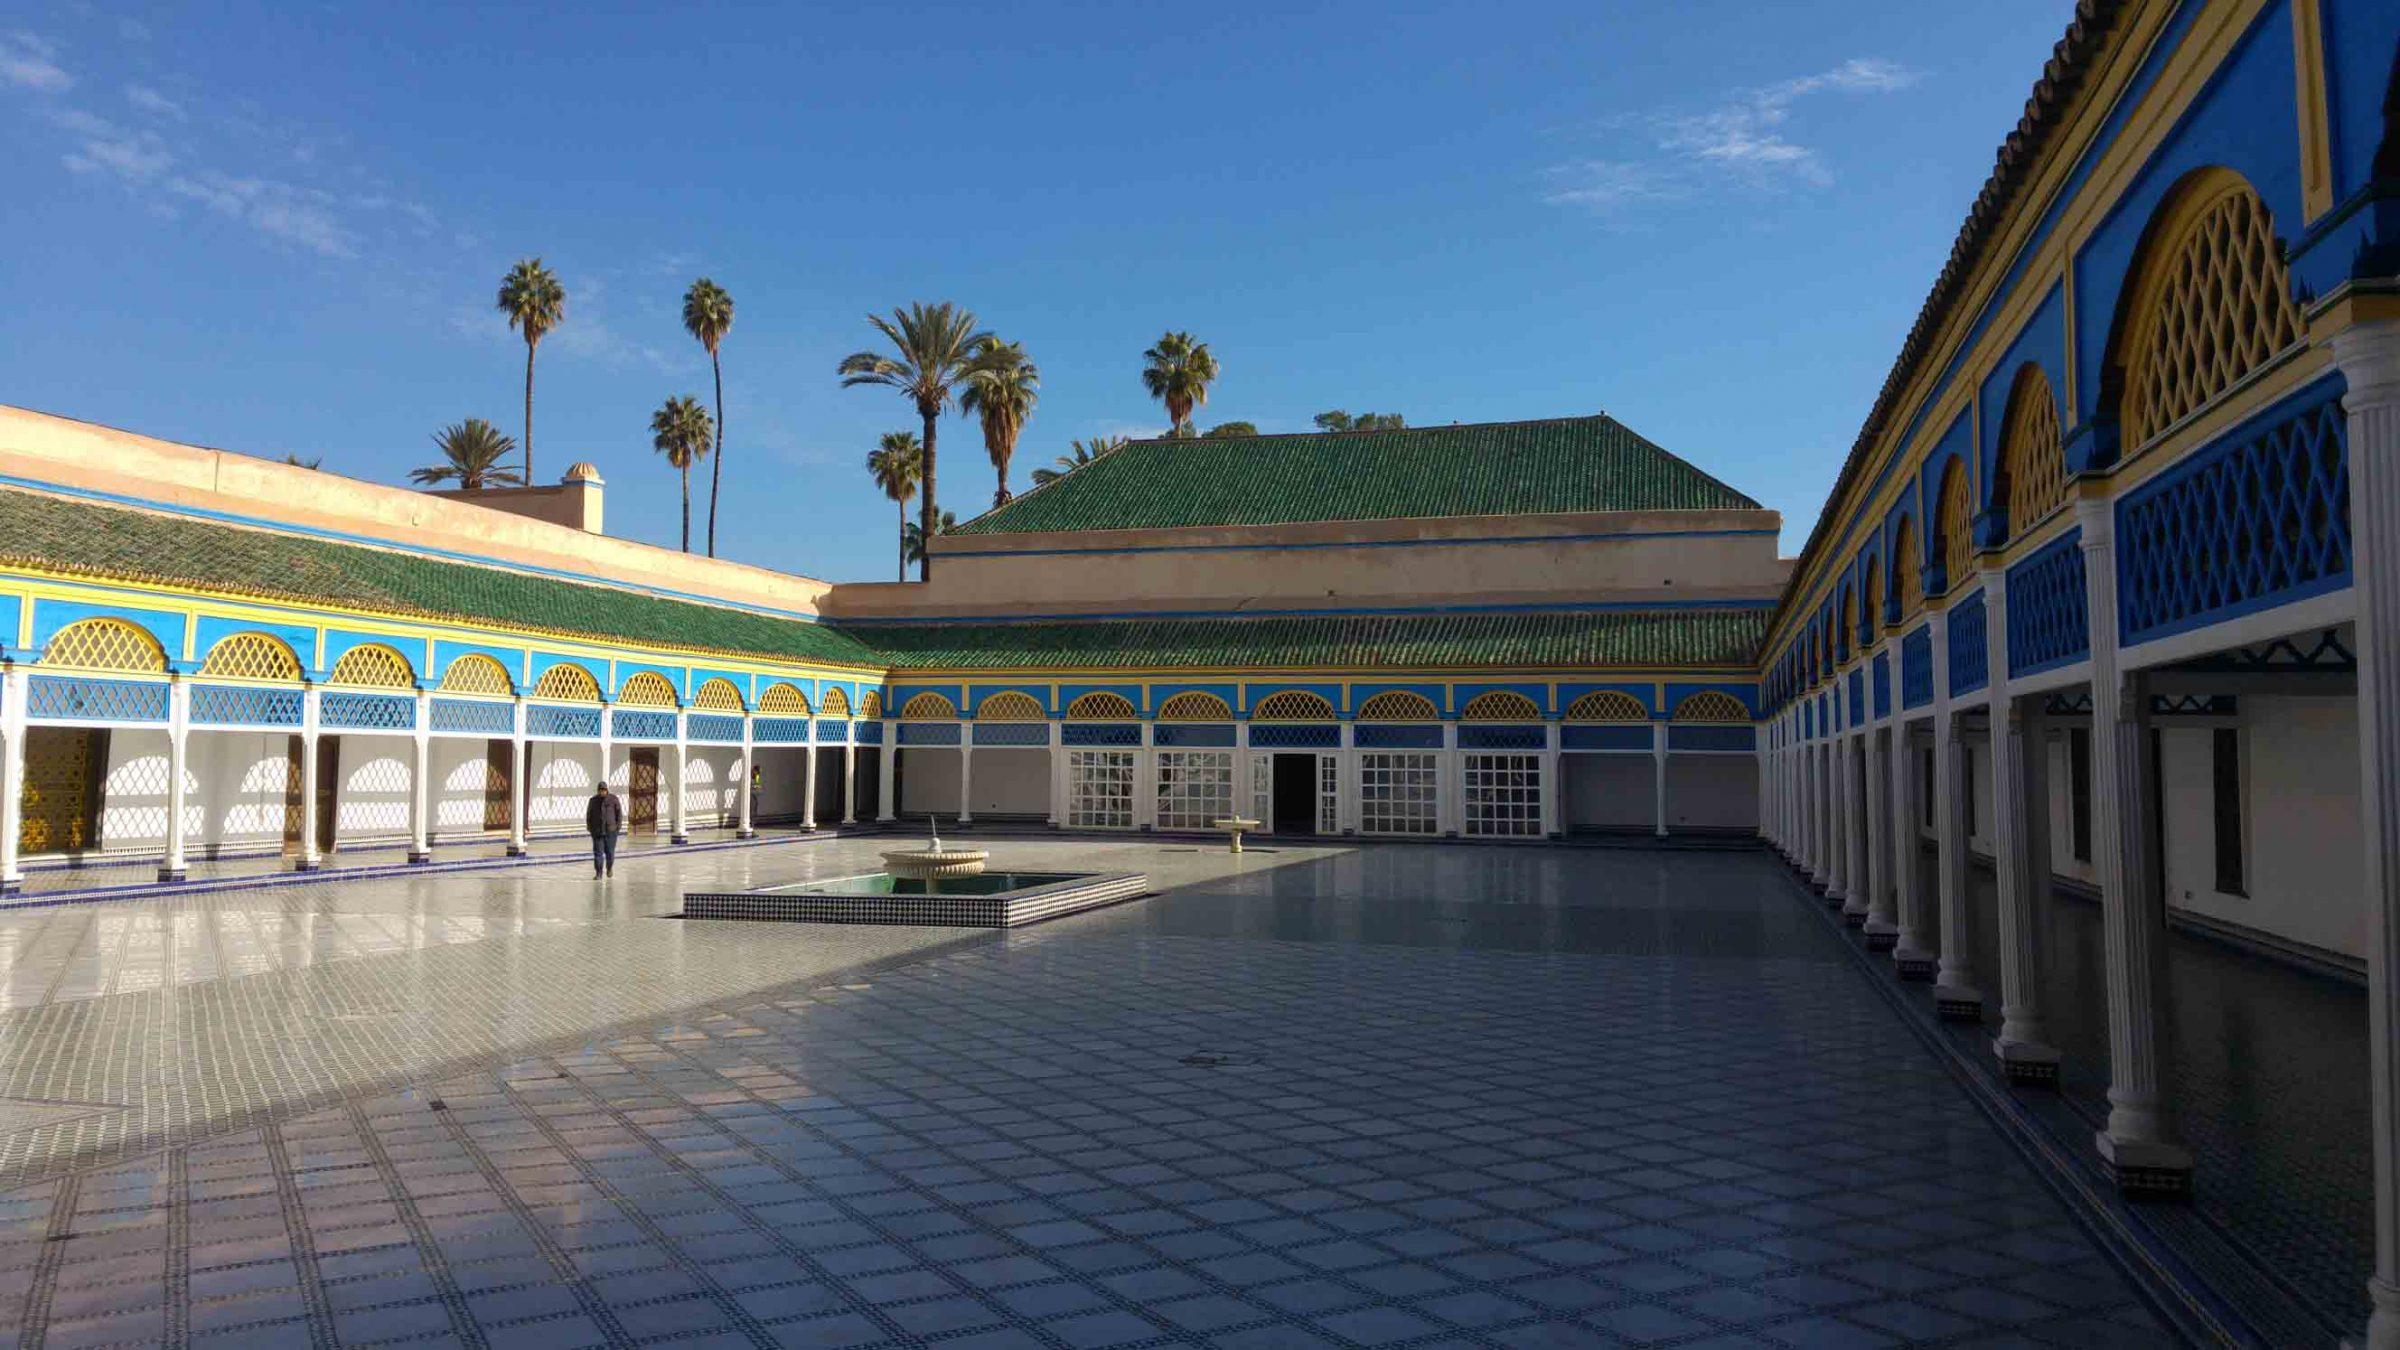 Pałac El-Bahia